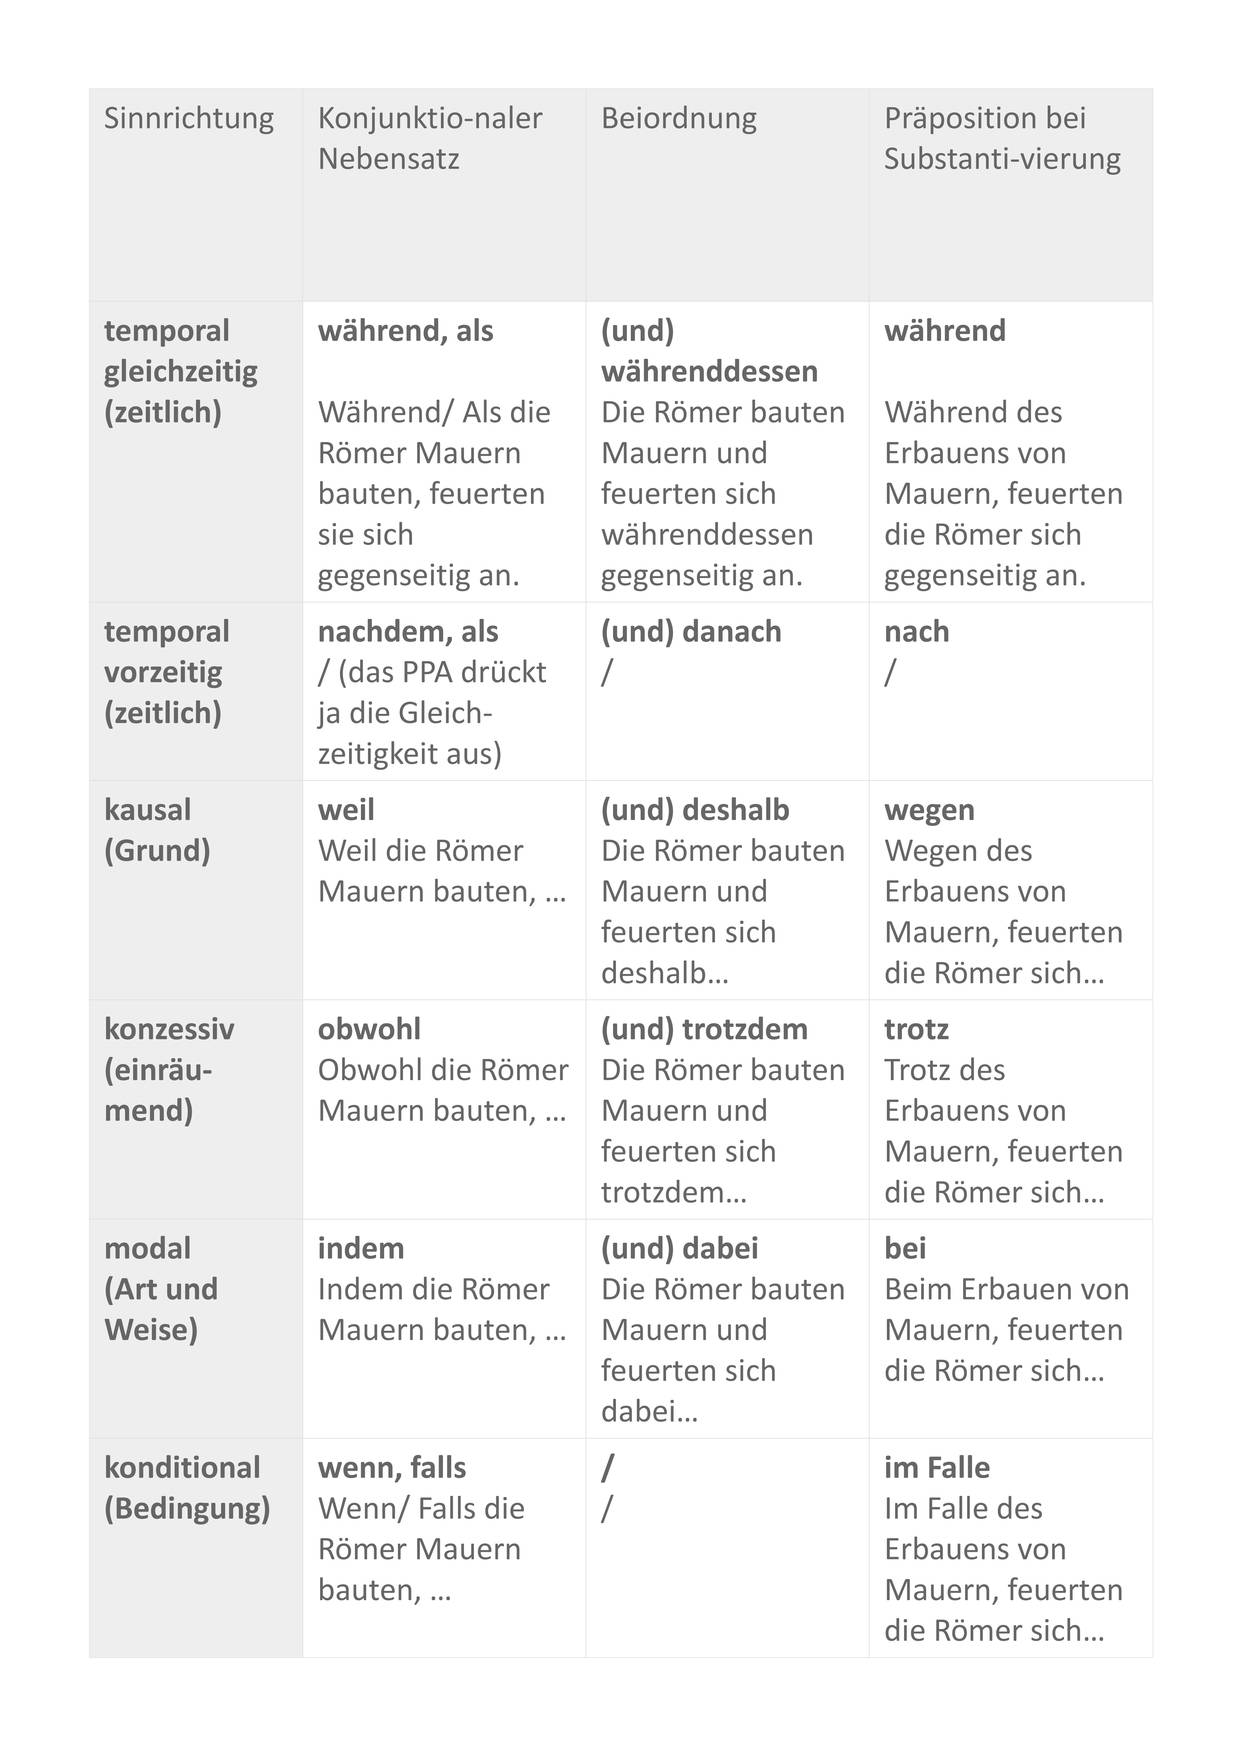 Tabelle_ÜBERSICHT-BUS-SINNRICHTUNGEN_Abl._abs-PC_Sofatutor.jpg